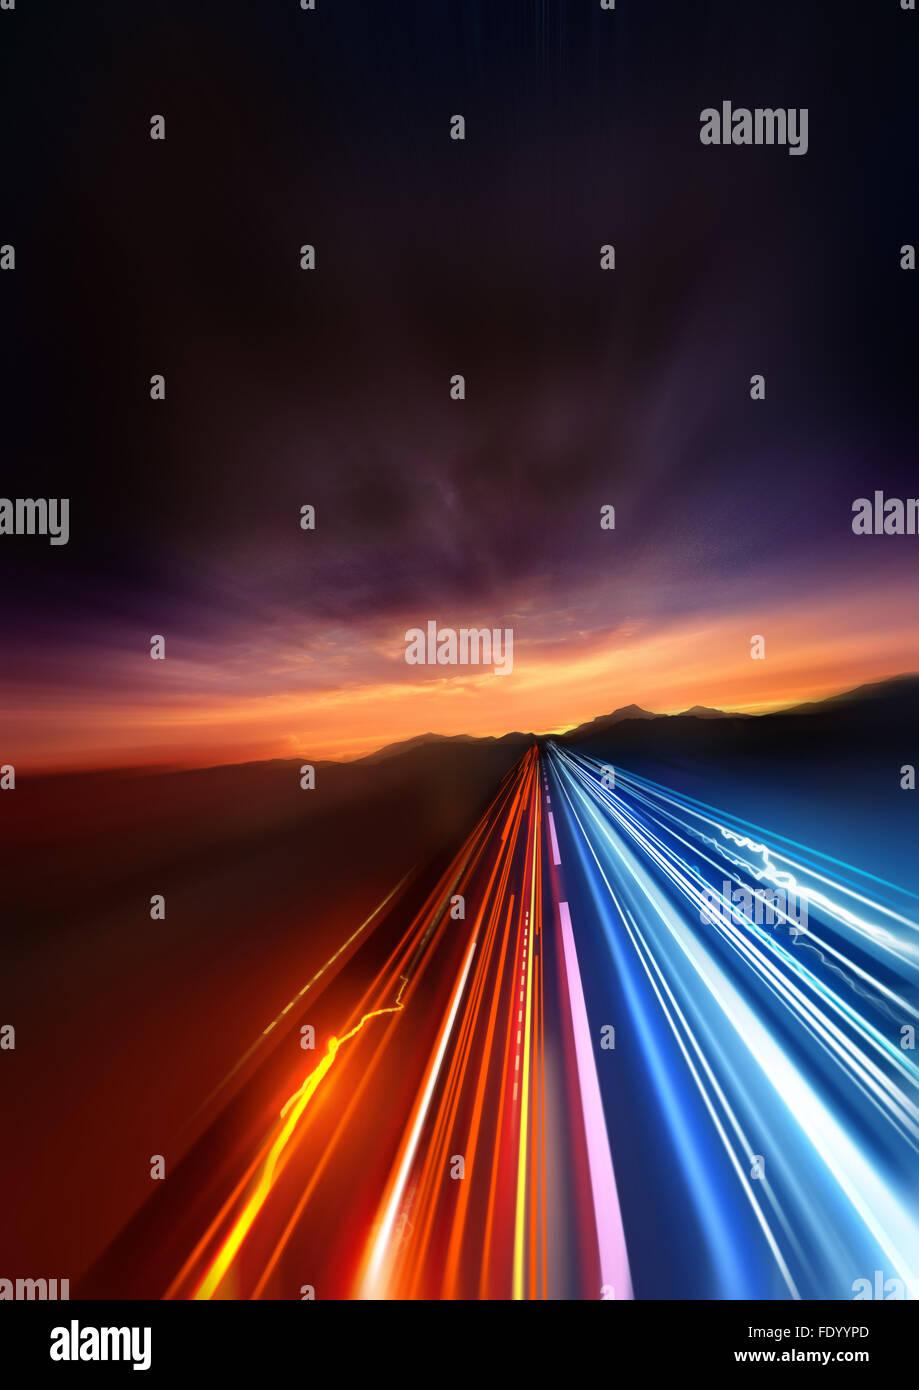 Super veloce. fast light trails accelerando nel lontano paesaggio. Immagini Stock